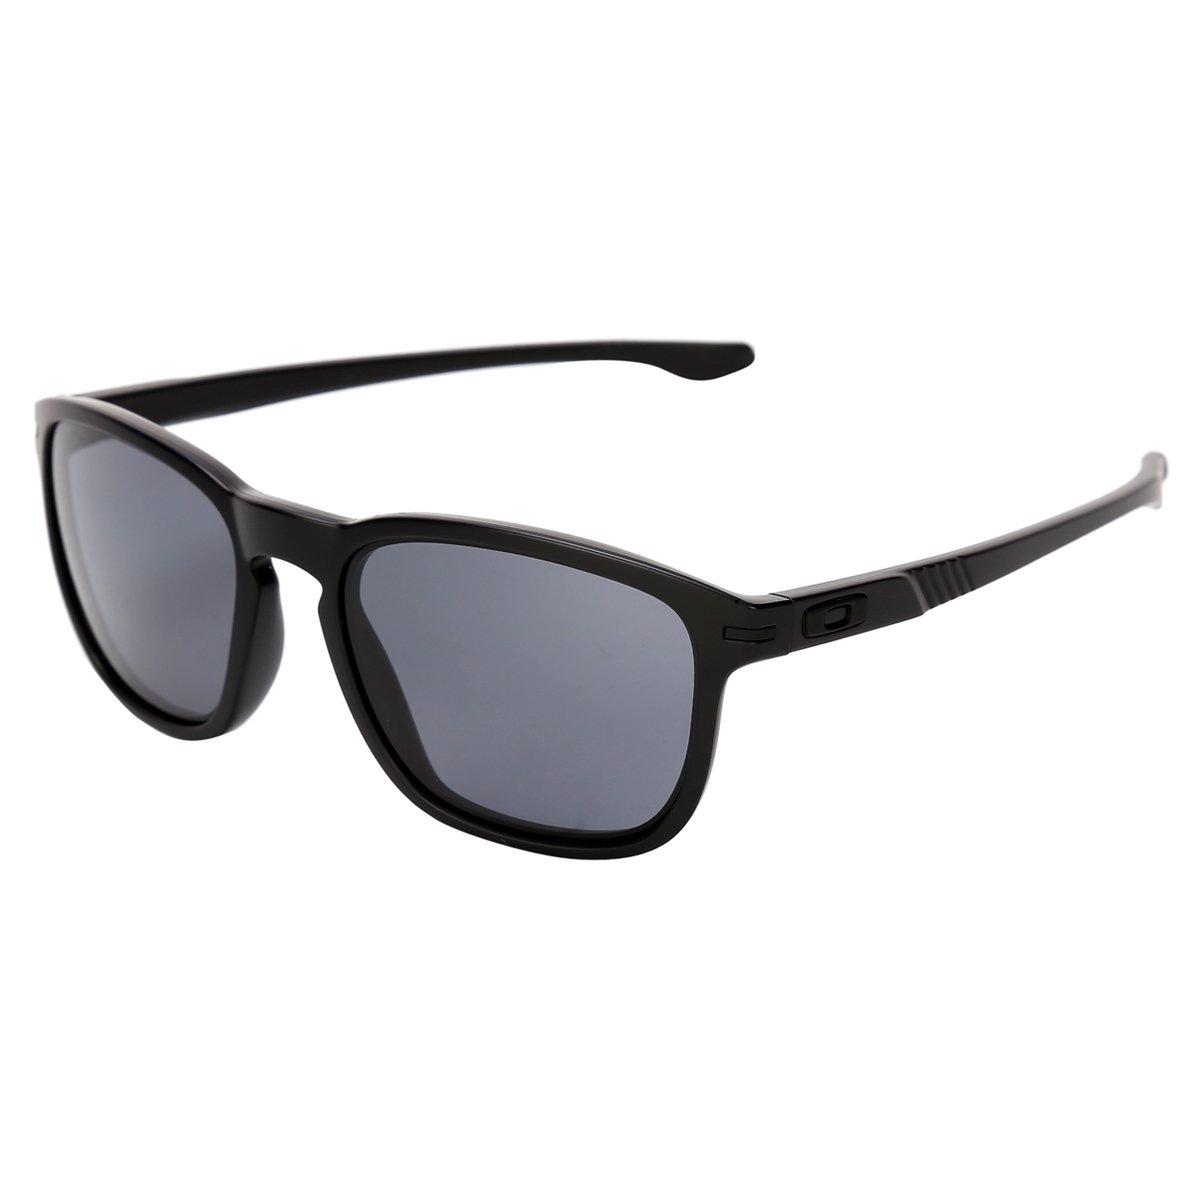 1c71fda11f414 Óculos Oakley Enduro Covert - Compre Agora   Netshoes